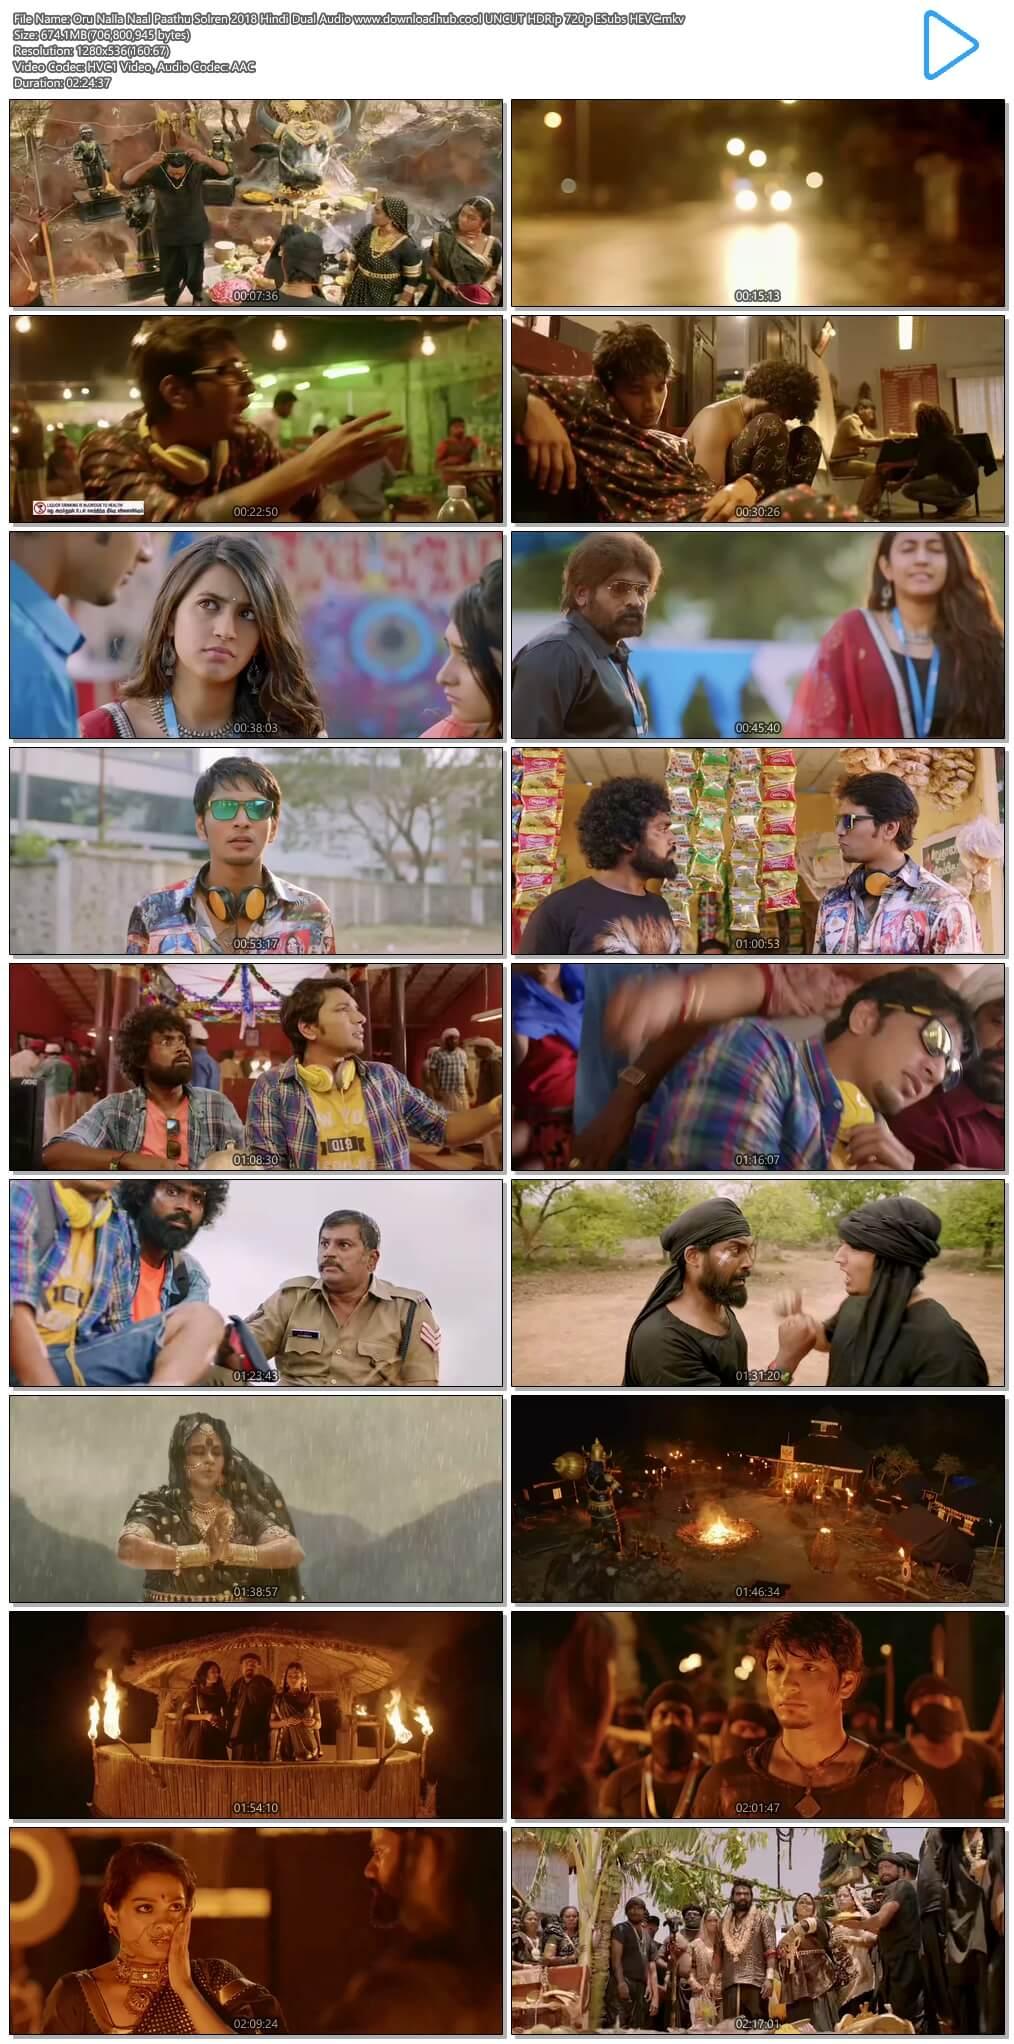 Oru Nalla Naal Paathu Solren 2018 Hindi Dual Audio 650MB UNCUT HDRip 720p ESubs HEVC